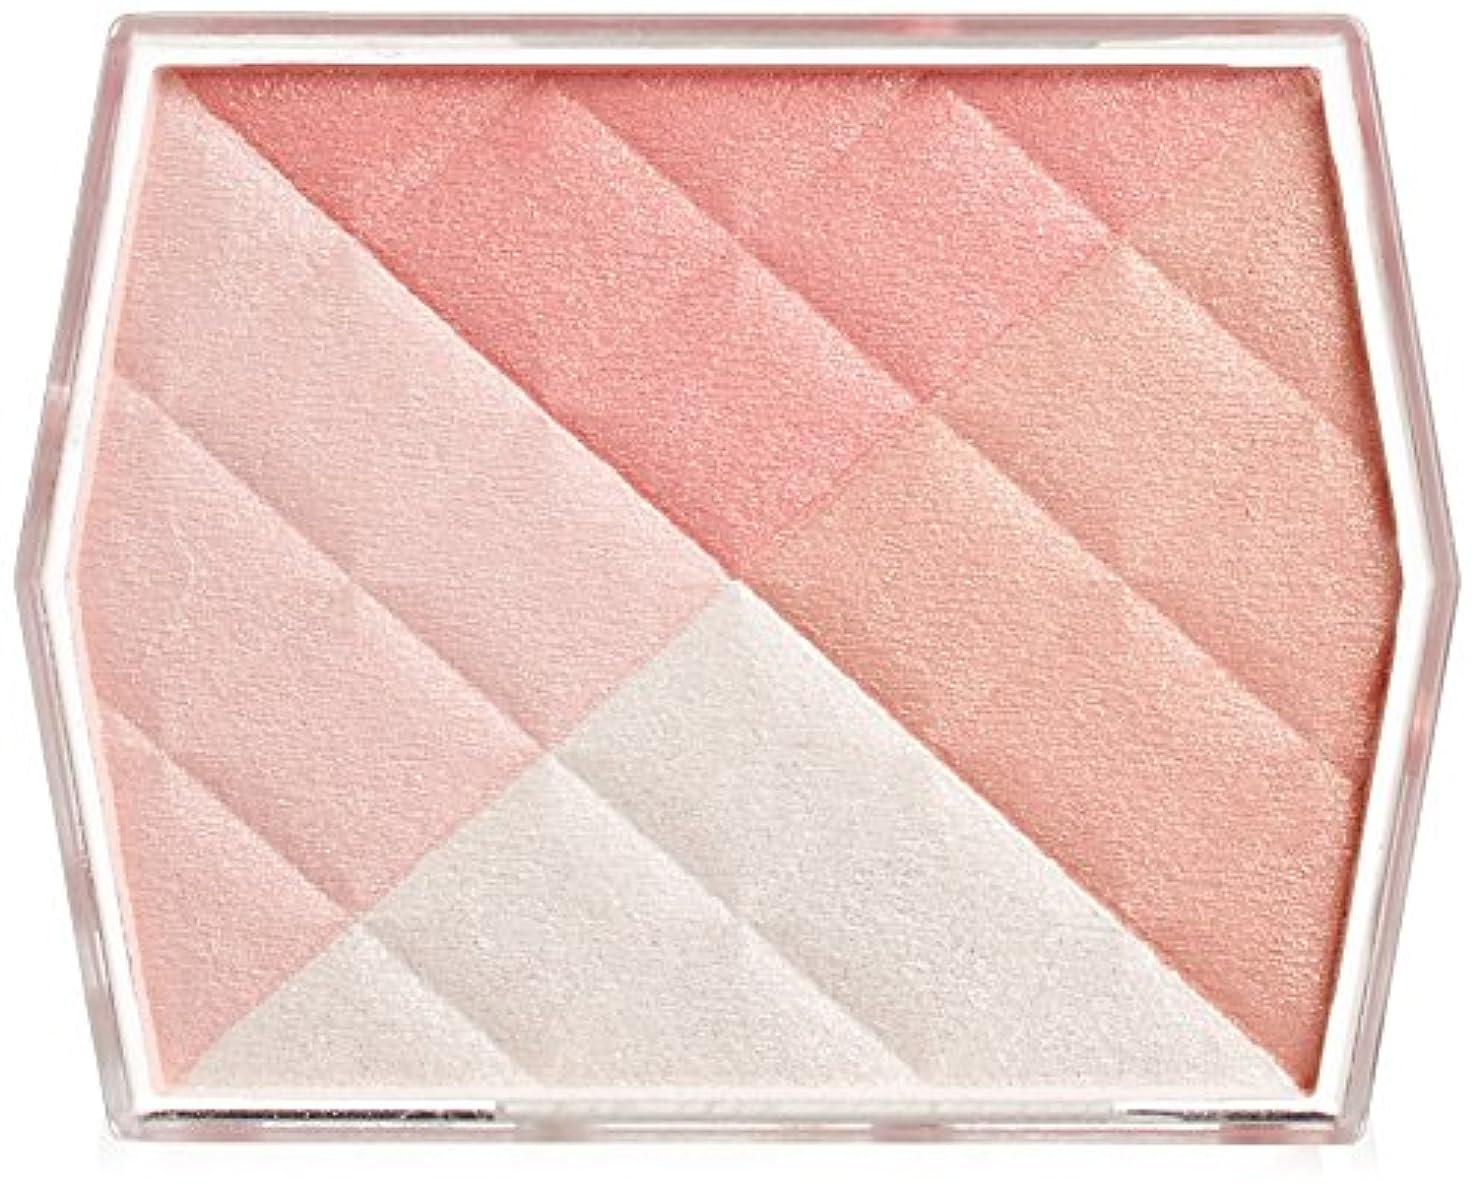 生きる薄汚い議論するマキアージュ デザインチークカラーズ 80 ピンクバリエーション (レフィル) 7g